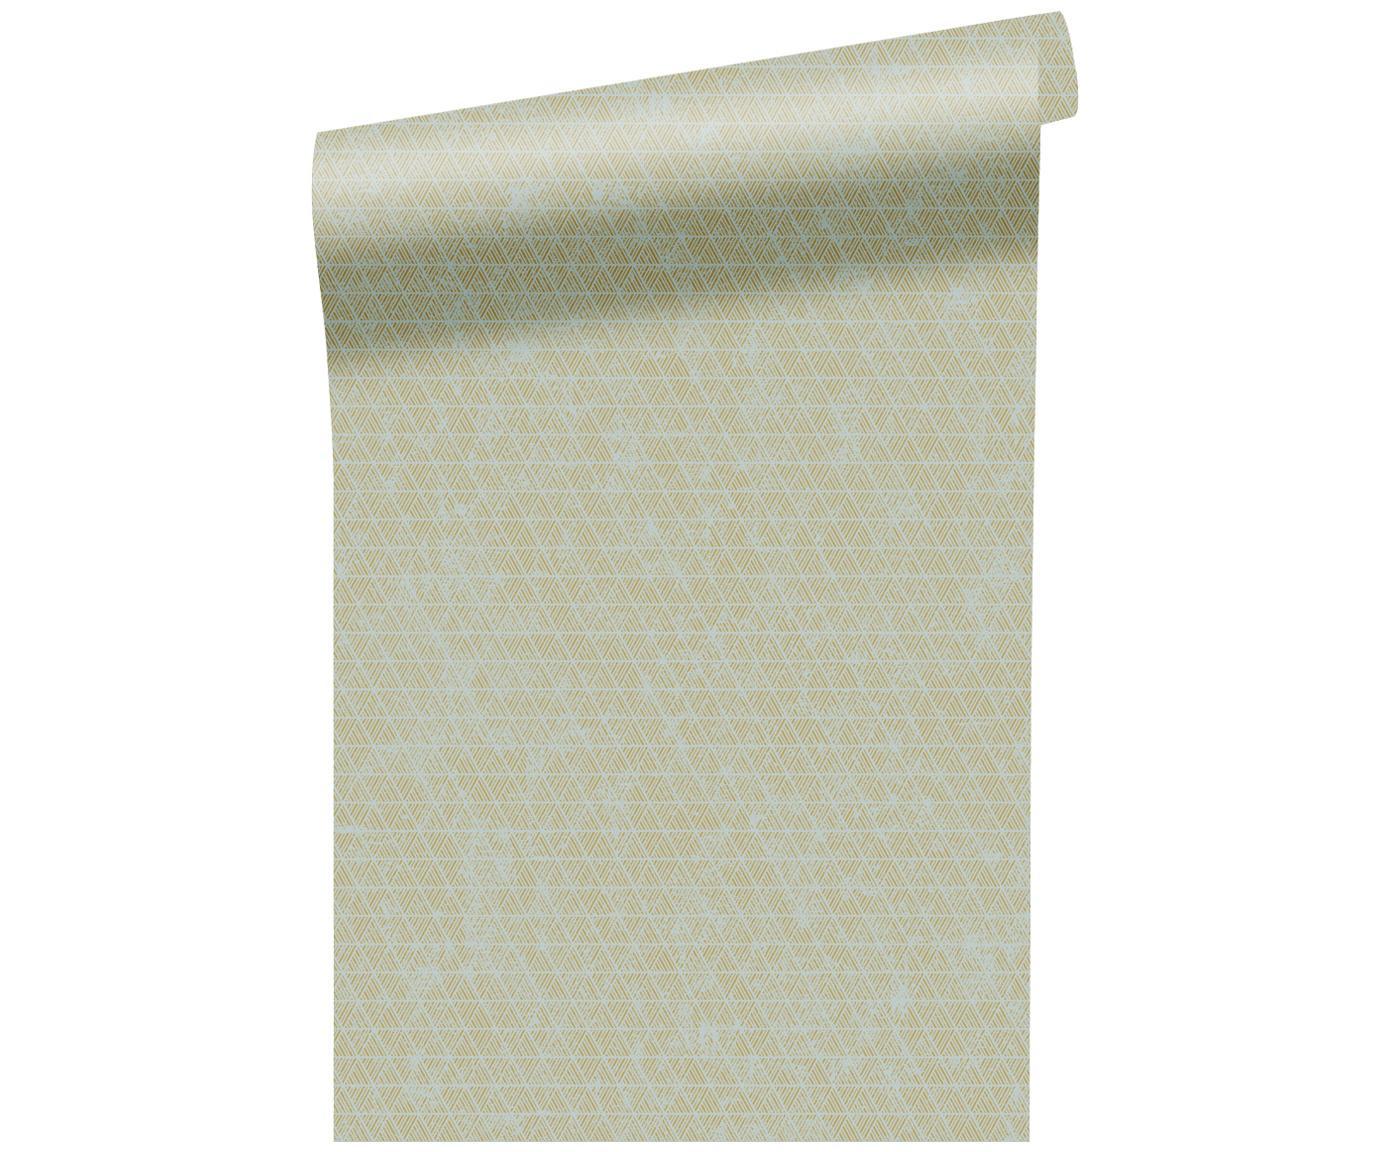 Carta da parati Luxury Triangle, Vello, Verde chiaro, bianco, P 52 x L 1005 cm